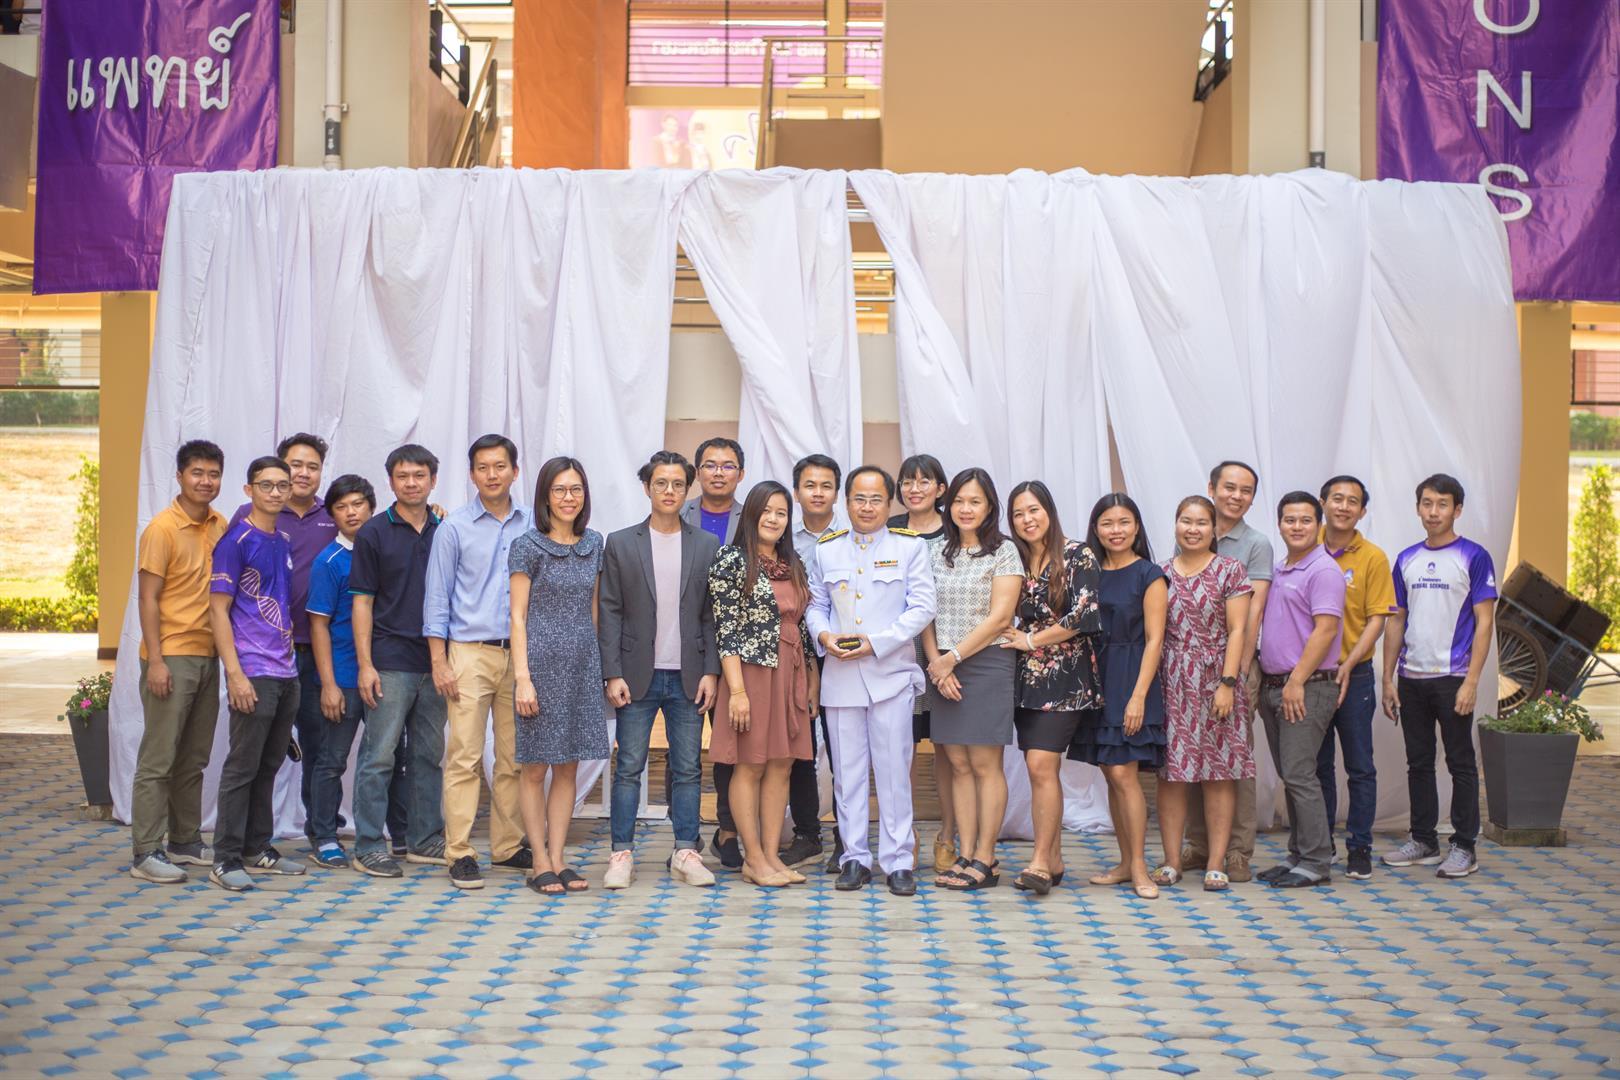 ผู้ช่วยศาสตราจารย์ ดร.คมศักดิ์ พินธะ ได้รับโล่พระราชทานนักวิจัยดีเด่น